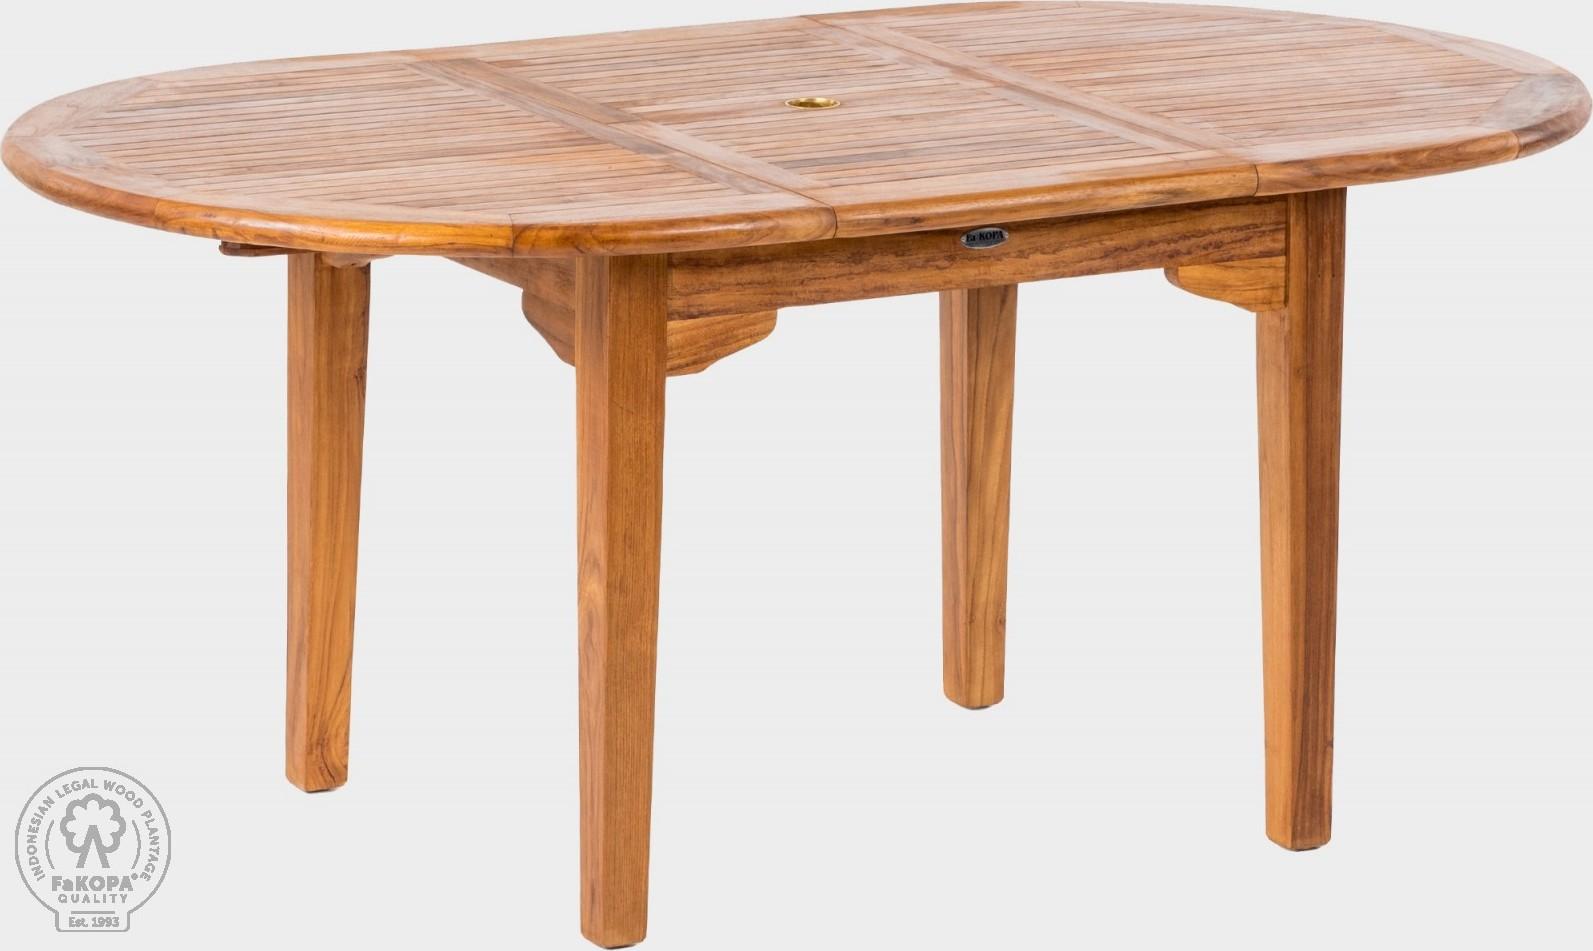 FaKOPA Jídelní stůl ován, kvalitní teakové dřevo Alexandra